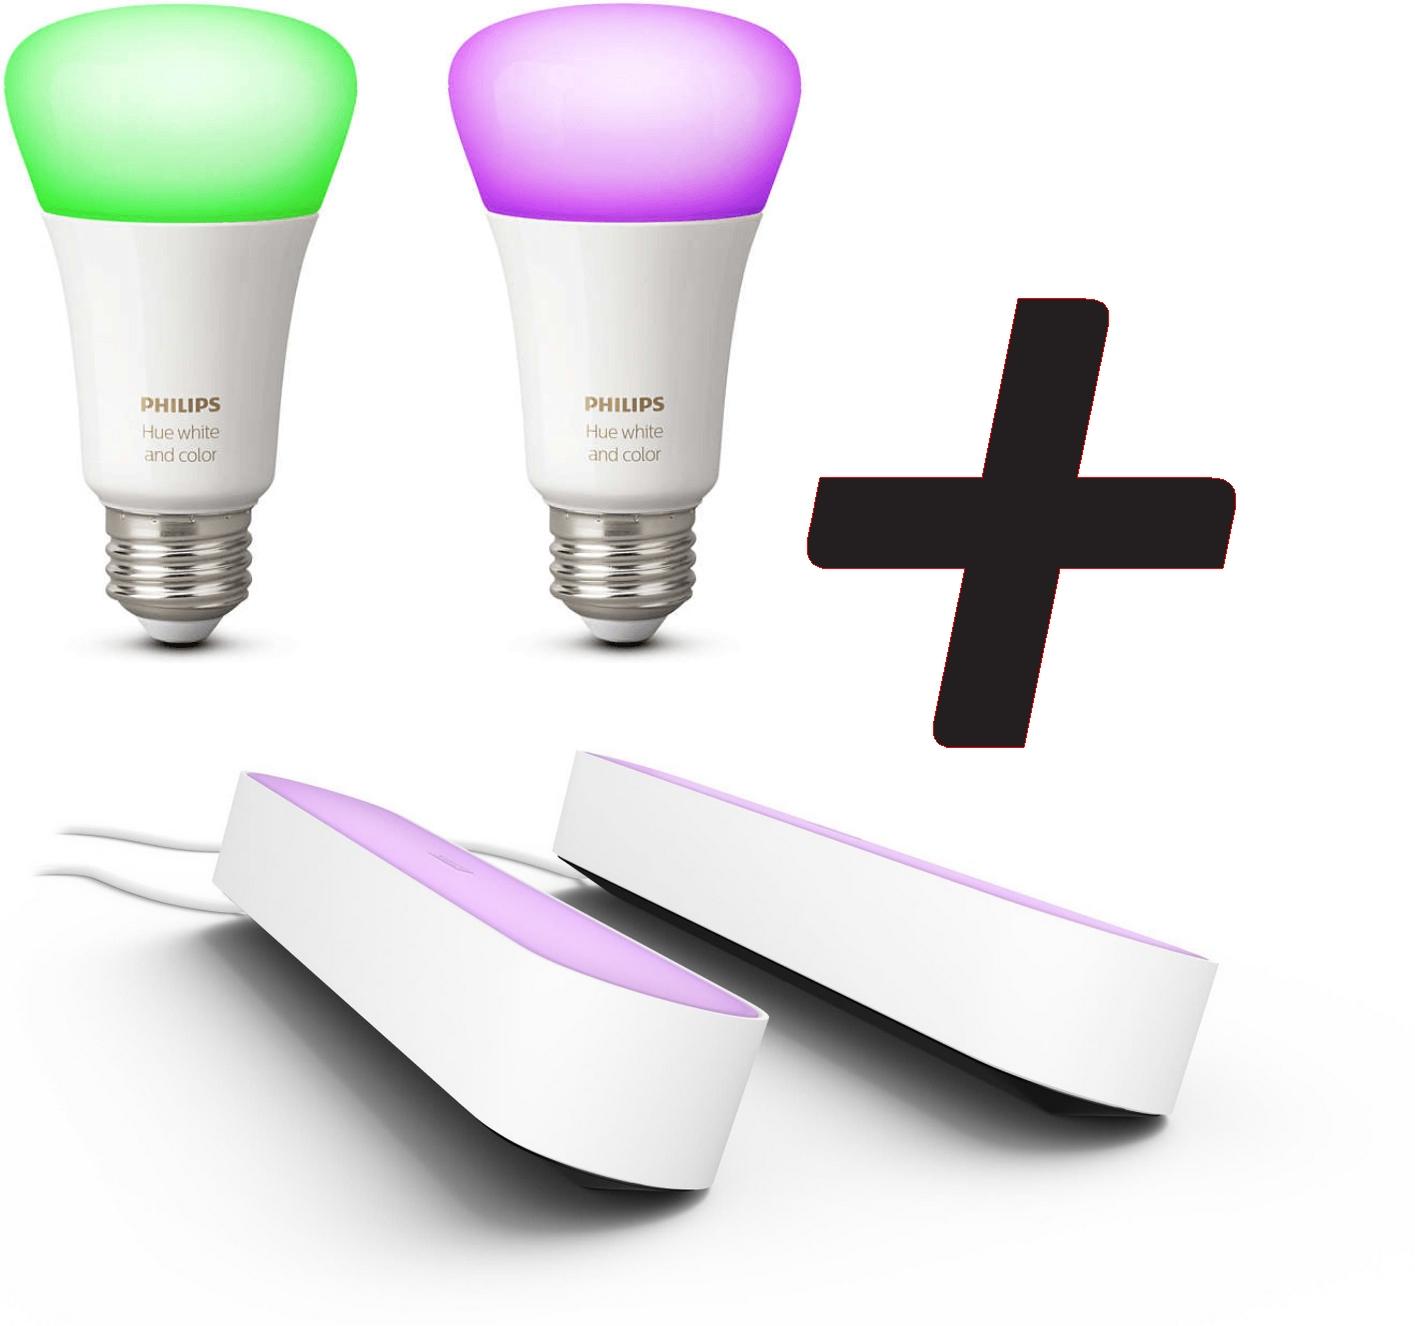 65€ remboursés dès 210€ de produits Philips Hue achetés (via ODR) - Ex : 2 ampoules LED E27 White & Colors + 2 lampes Hue Play à 164.98€